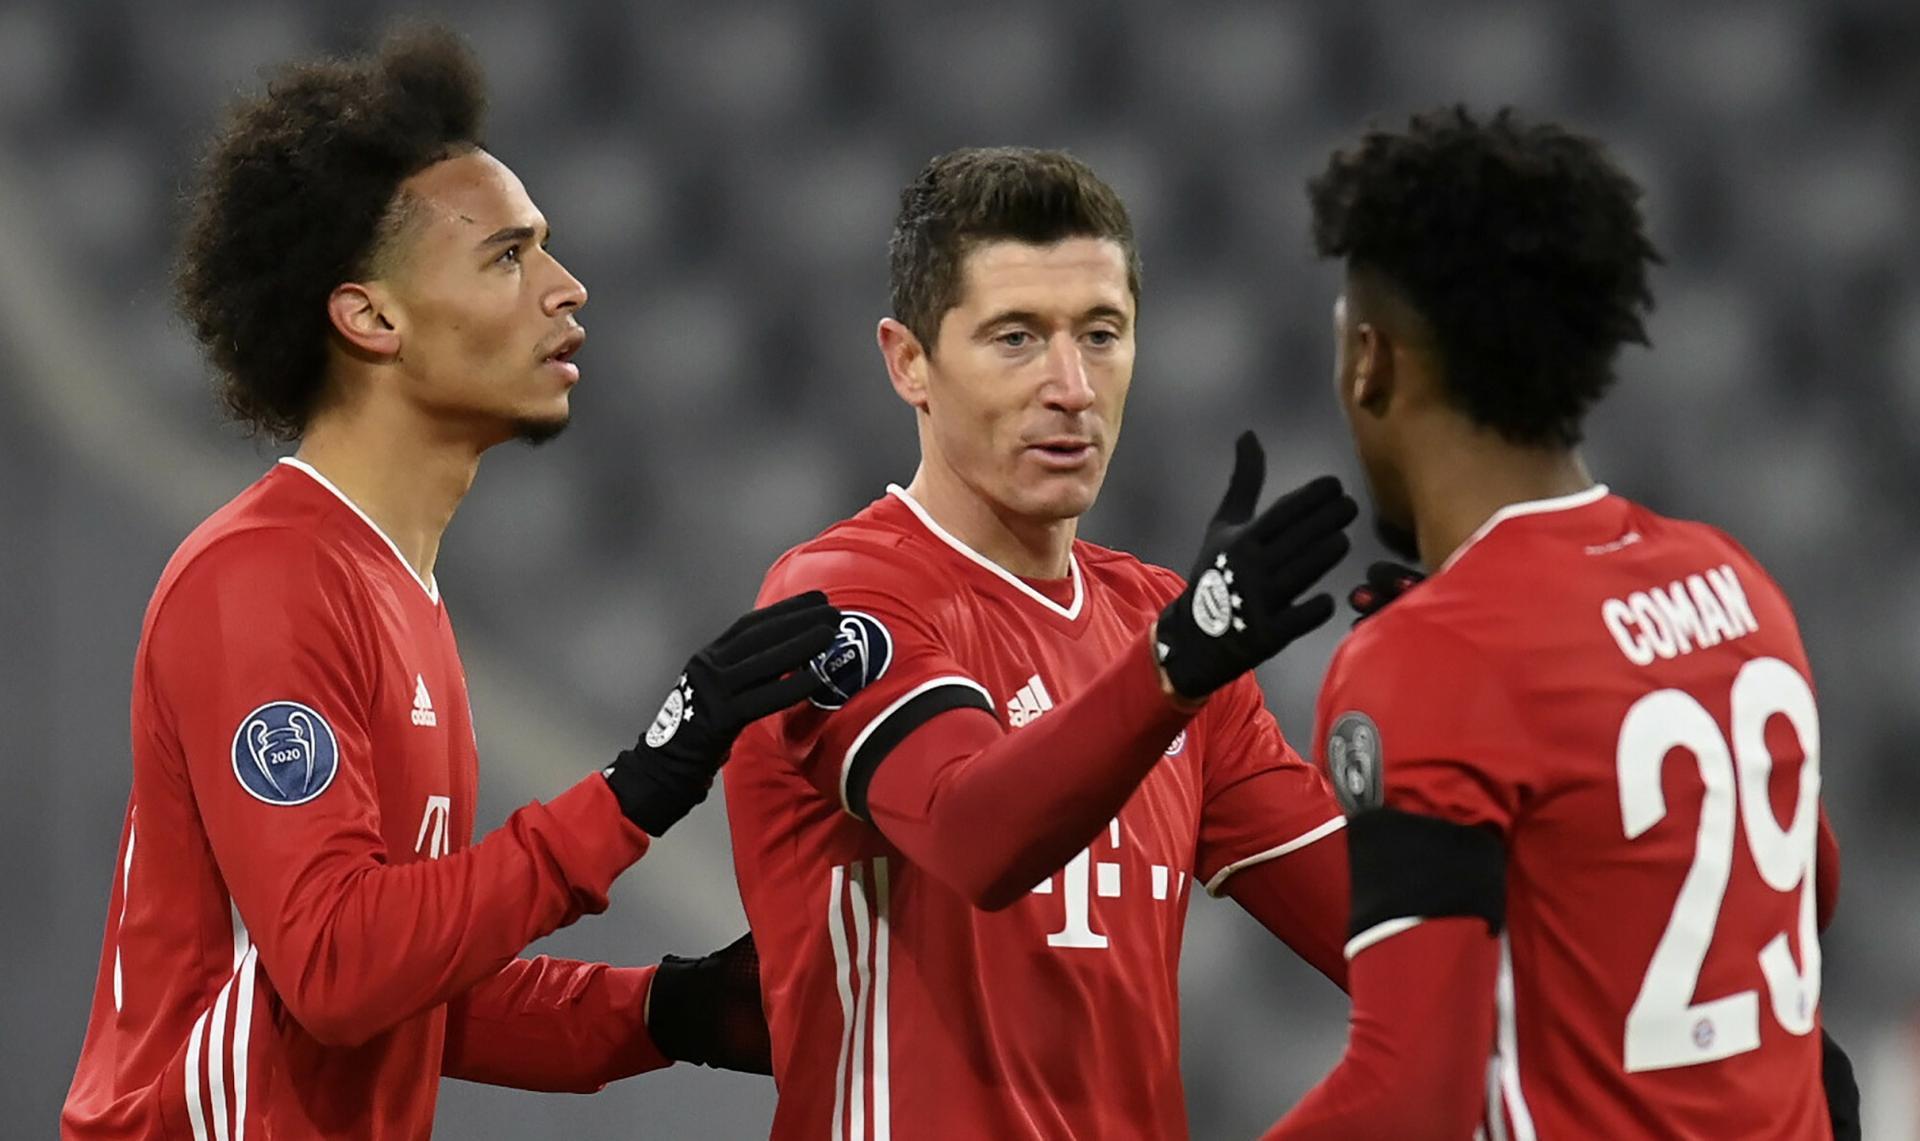 Mecze Bayernu Monachium 2021 - kiedy i z kim gra? Robert Lewandowski walczy o pobicie rekordu! - ESKA.pl